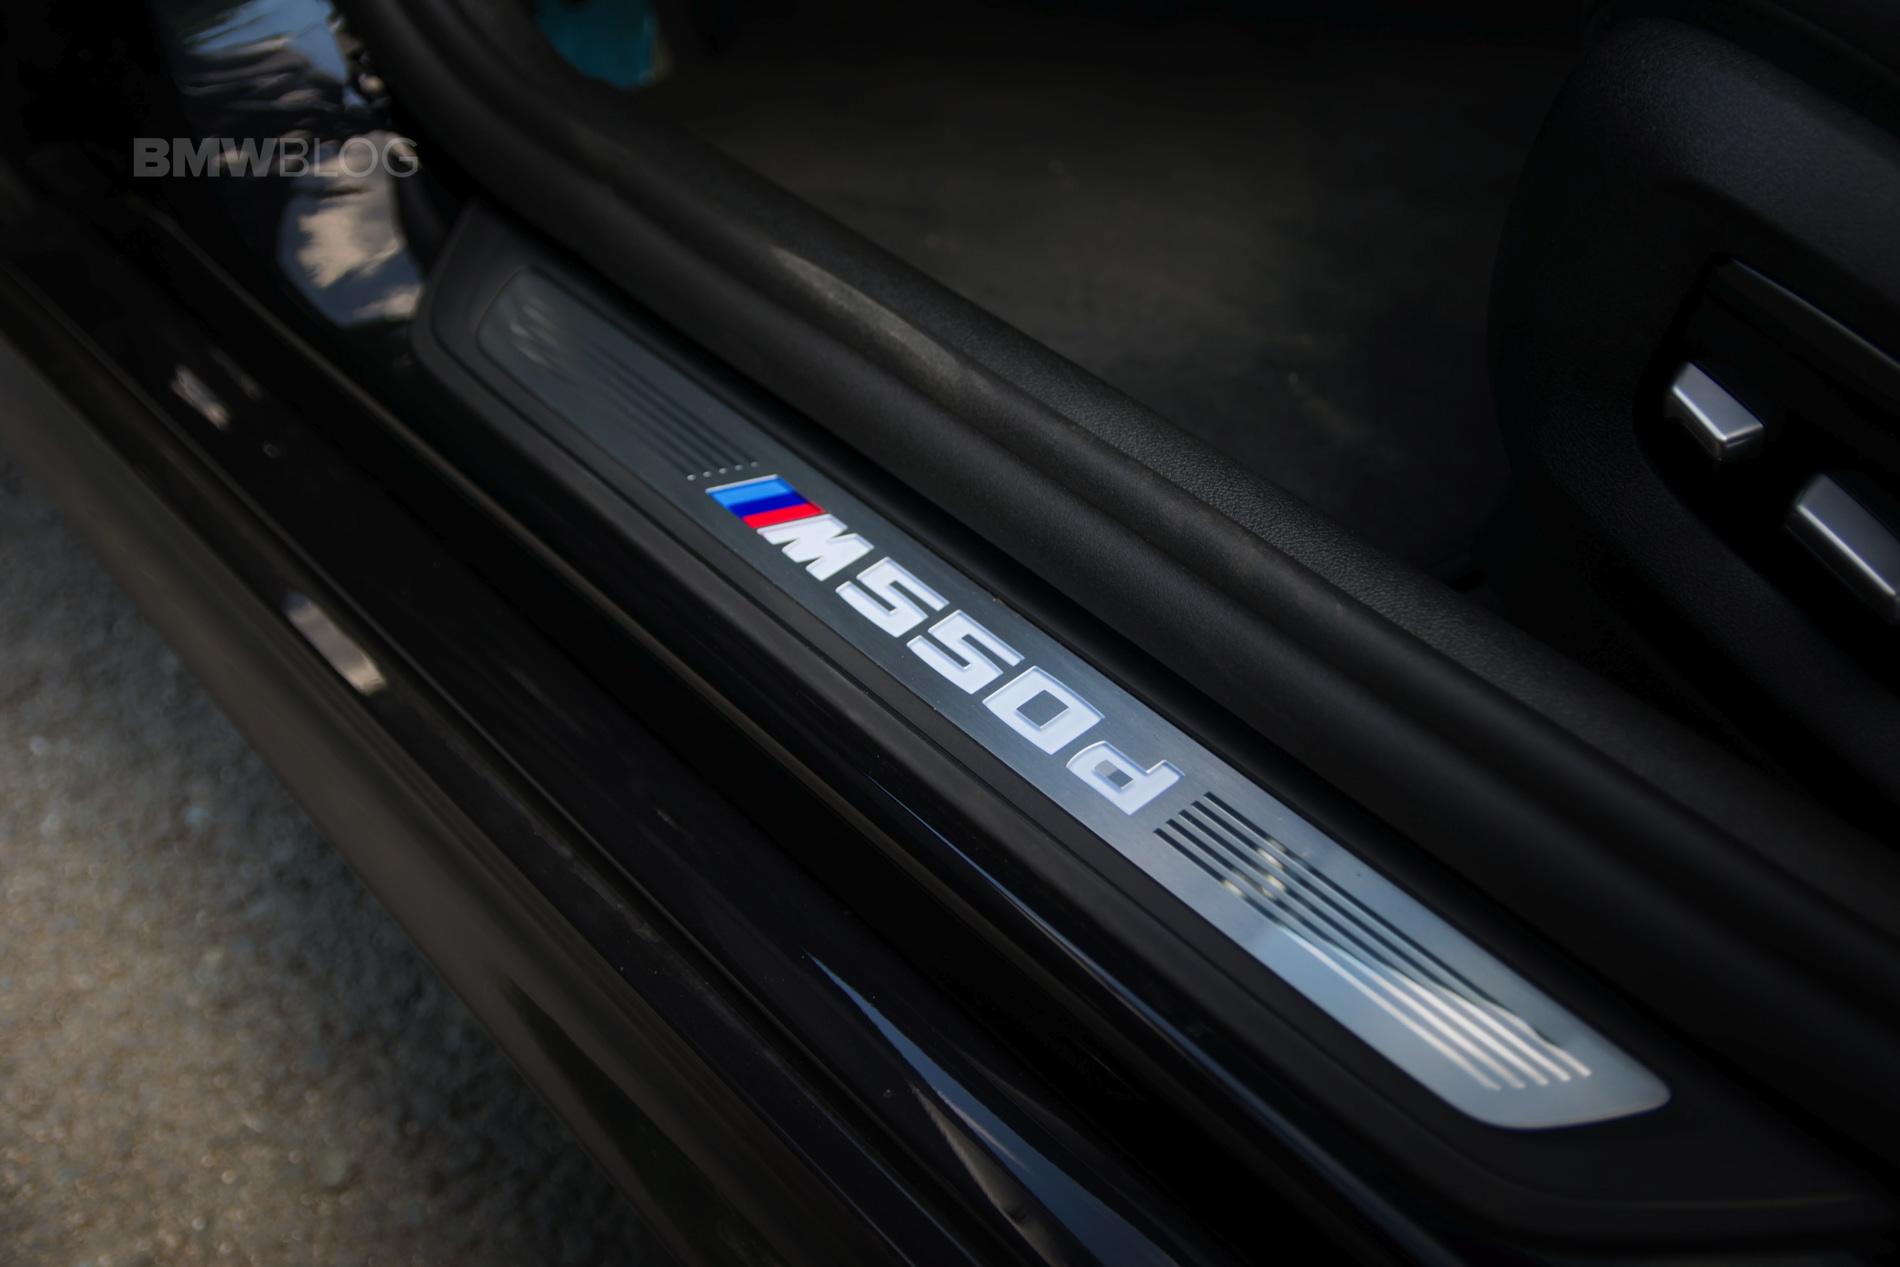 2018 BMW M550d sedan test drive 01